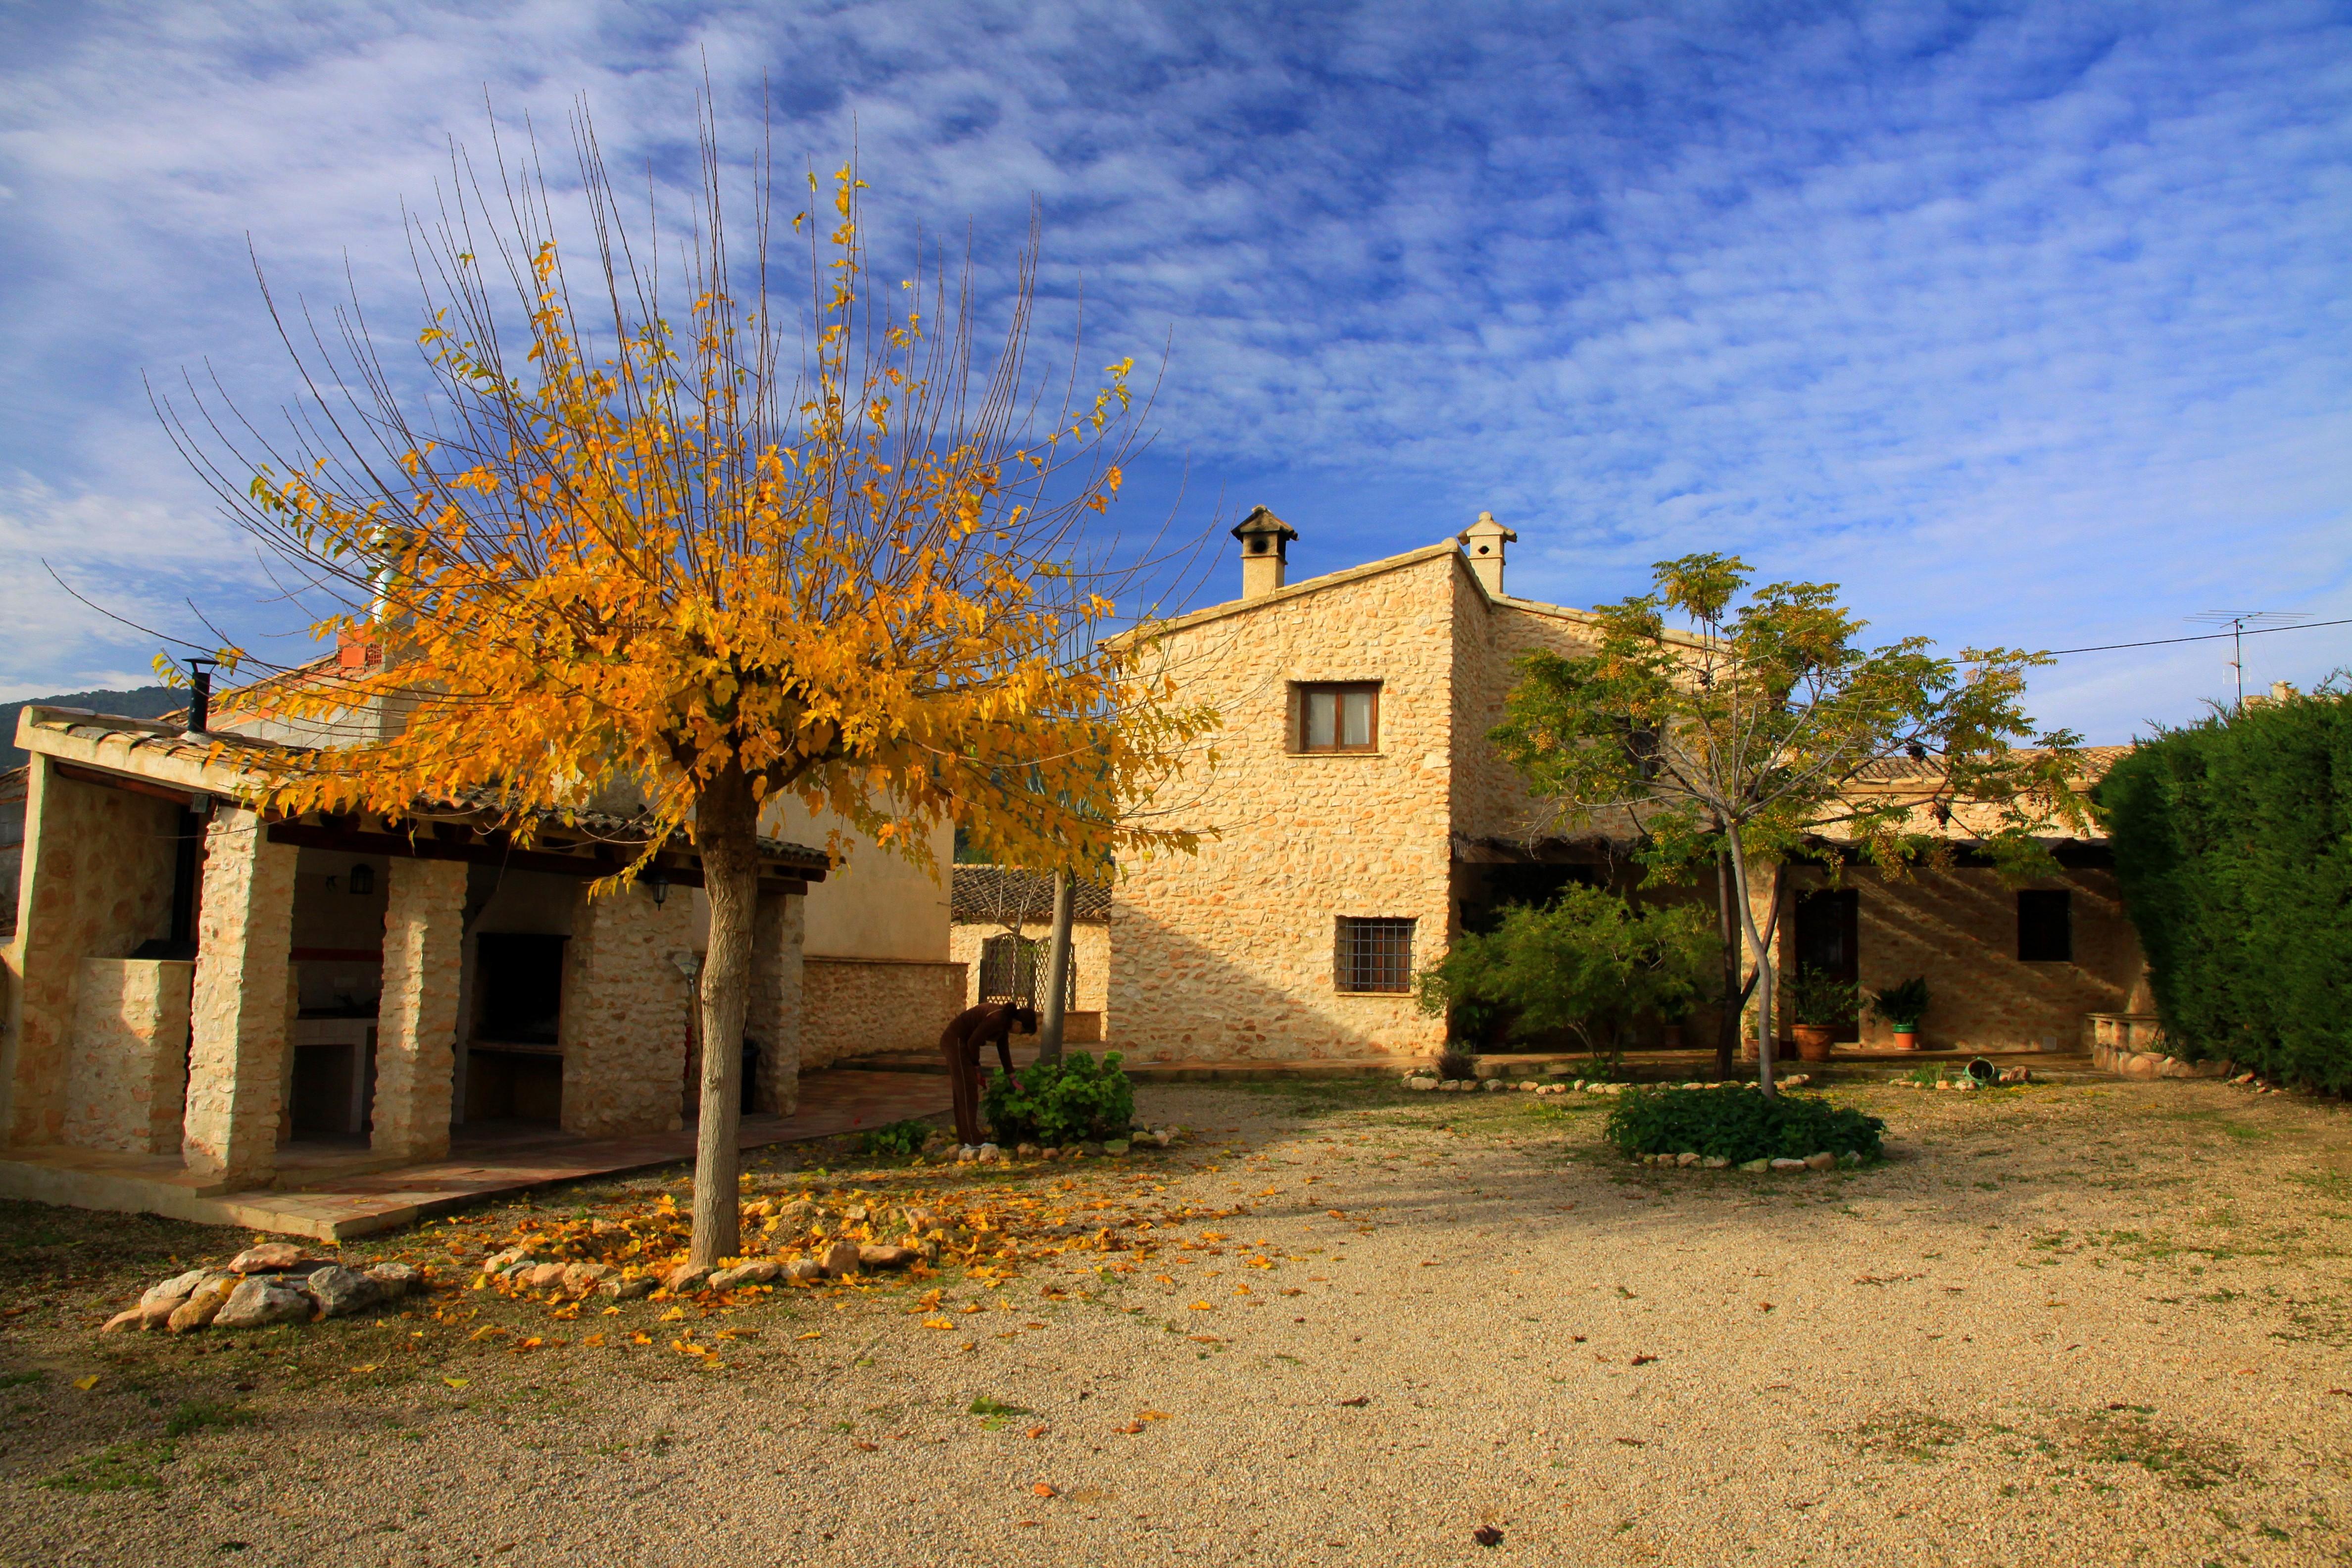 jardín y exterior de una vivienda rural